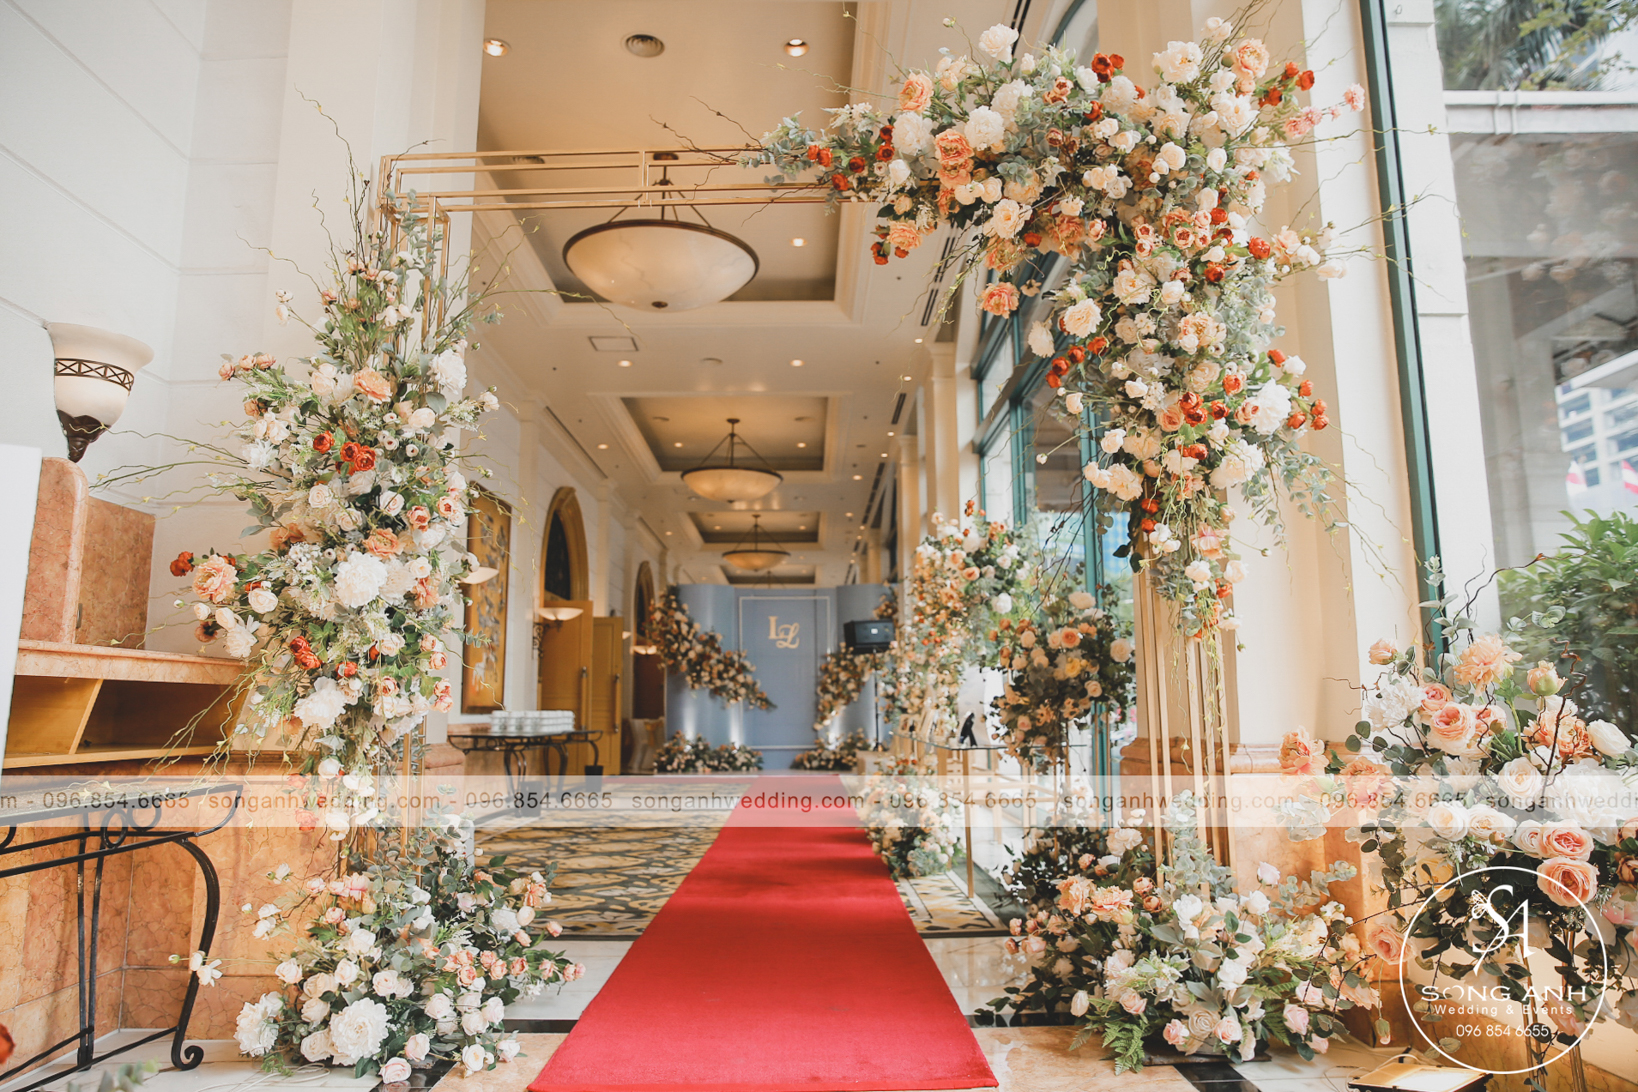 chi phí tổ chức tiệc cưới nhà hàng